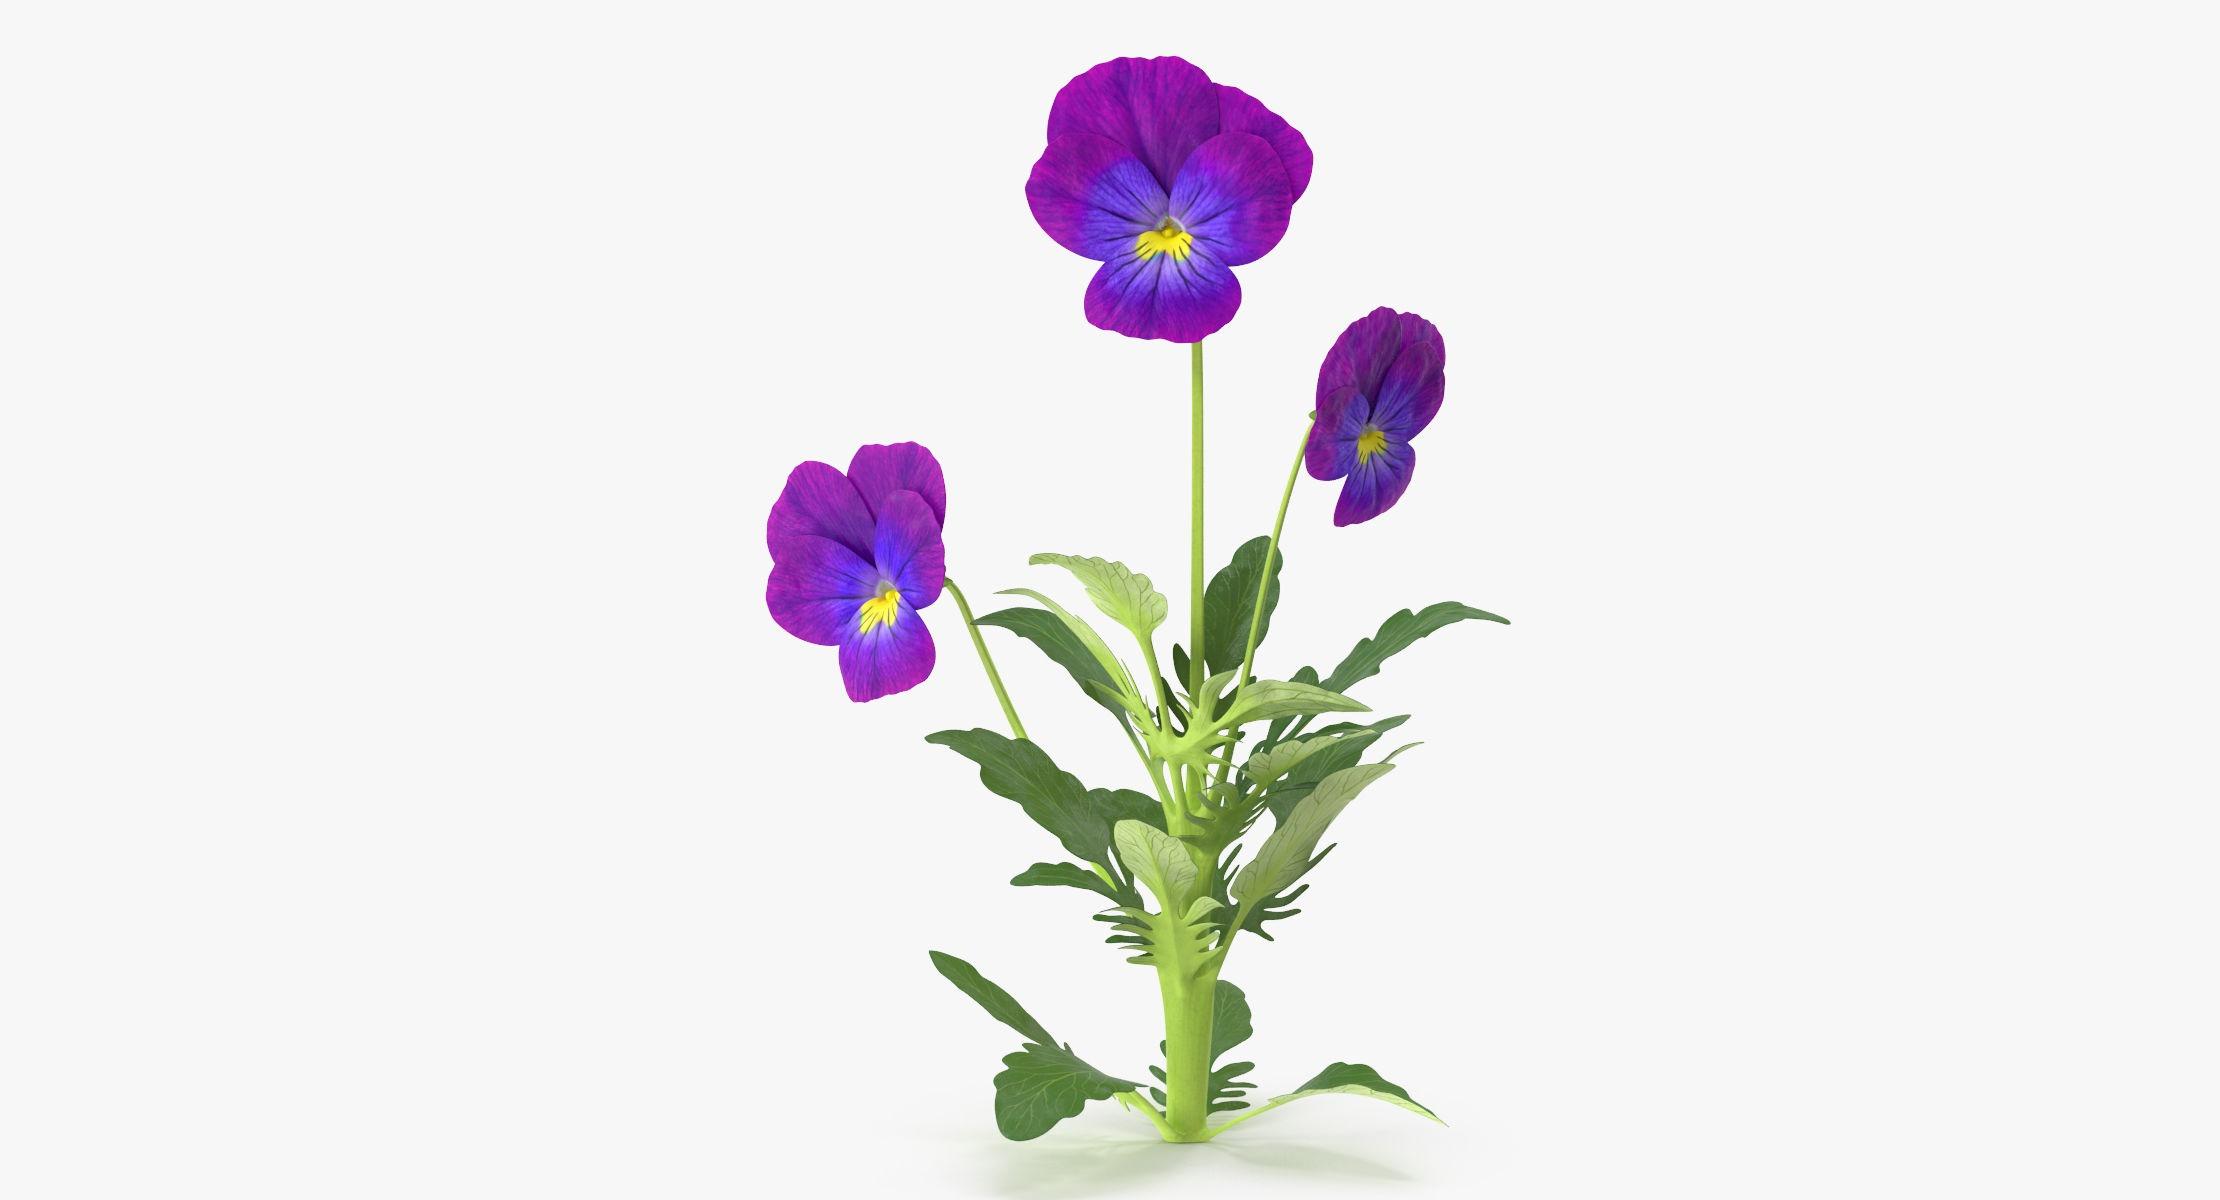 Pansies - Natural Group - reel 1